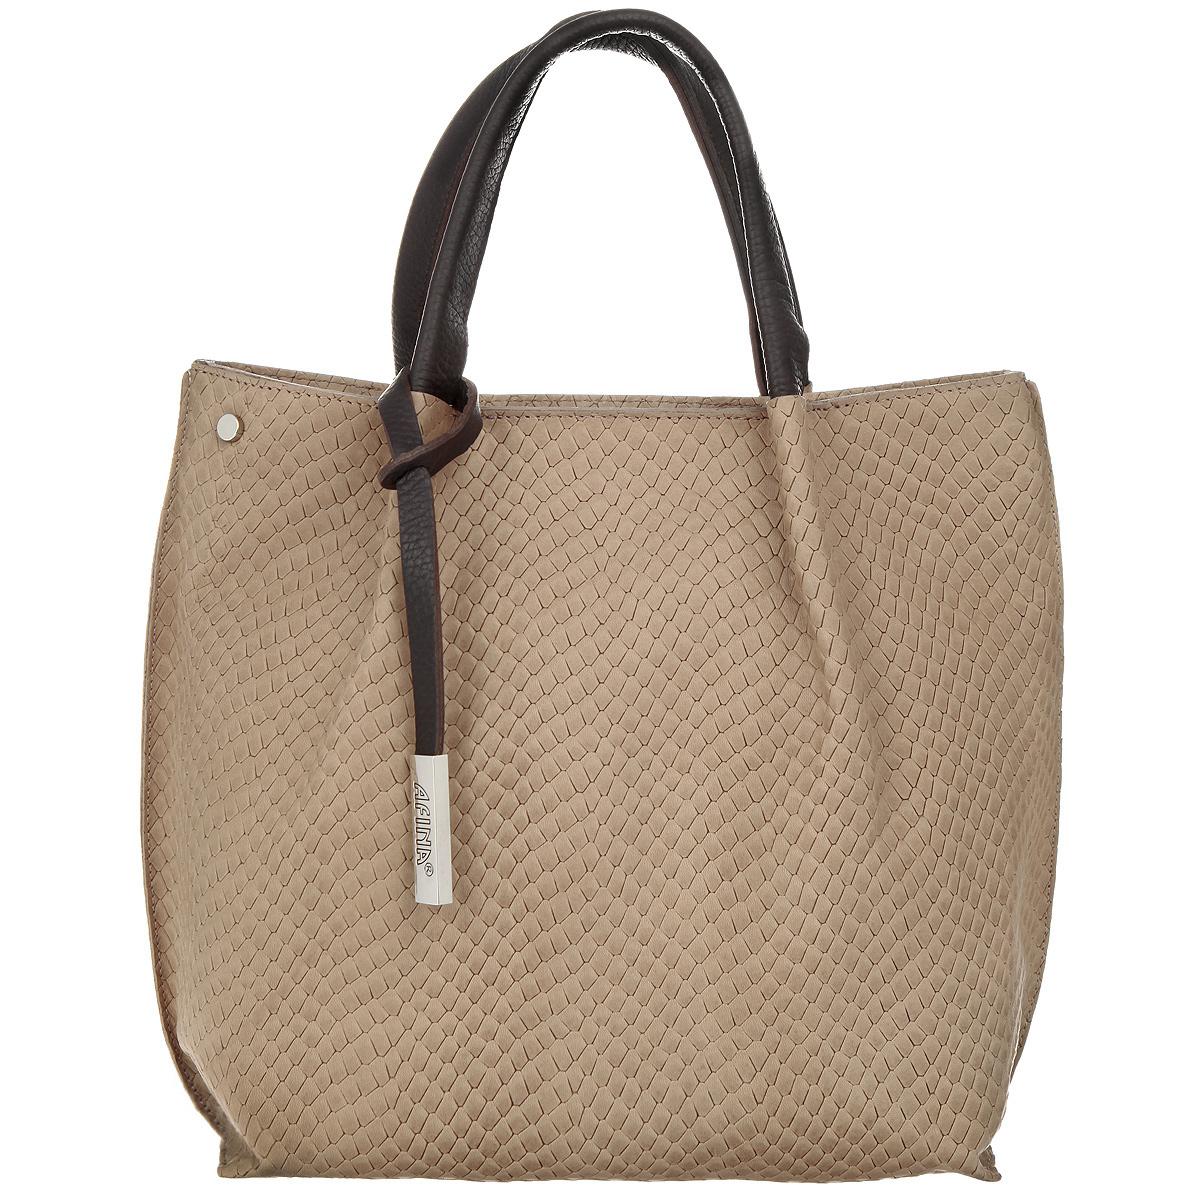 Сумка женская Afina, цвет: коричневый, бежевый. 865865Изысканная женская сумка Afina выполнена из натуральной качественной кожи с фактурным тиснением под рептилию. Ручка украшена брелоком с гравировкой названия бренда производителя. Сумка закрывается на пластиковую застежку-молнию. Модель имеет одно основное отделение, разделенное пополам карманом-средником на застежке-молнии. Внутри имеется прорезной кармашек на застежке-молнии и два накладных кармашка для телефона и мелочей. Снаружи на задней стенке располагается прорезной карман на застежке-молнии. Изделие оснащено двумя удобными ручками. В комплекте съемный плечевой ремень, который регулируется по длине. Роскошная сумка внесет элегантные нотки в ваш образ и подчеркнет ваше отменное чувство стиля.